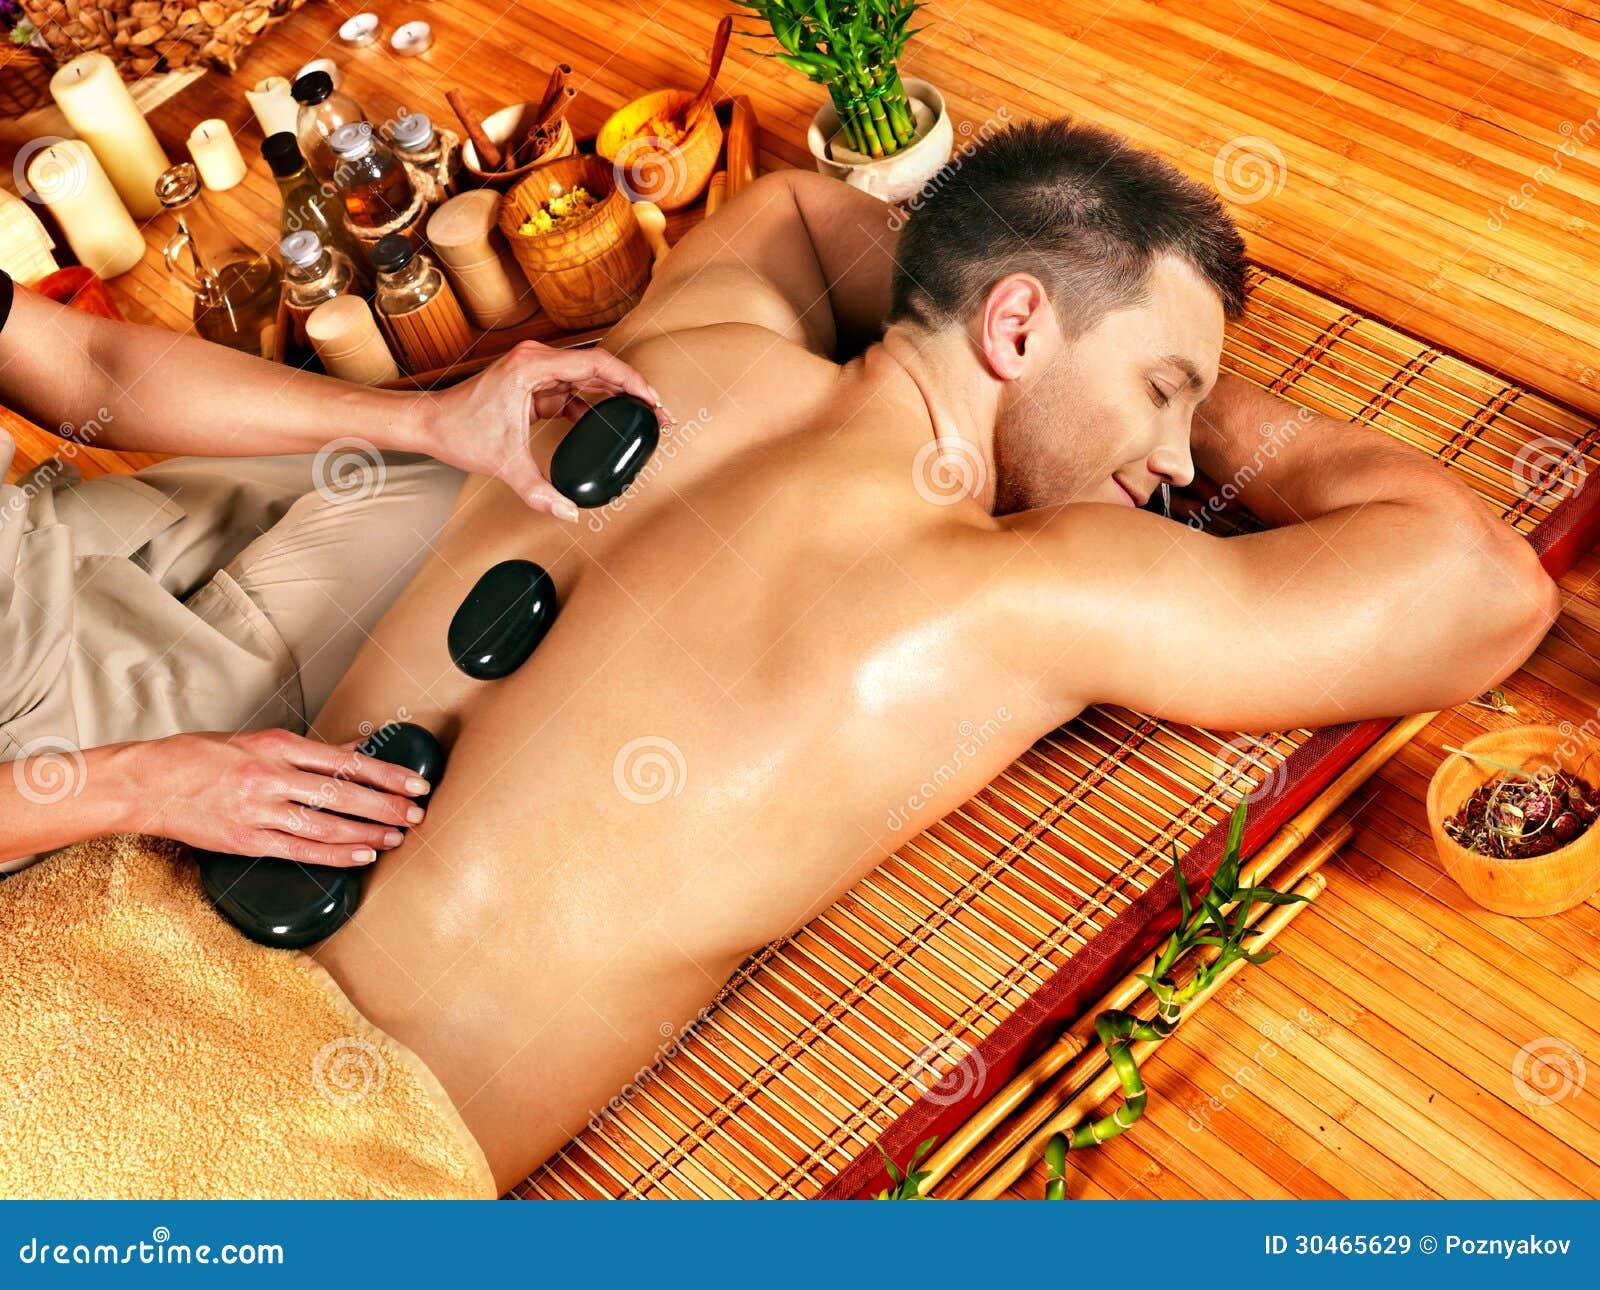 nyachang-eroticheskiy-massazh